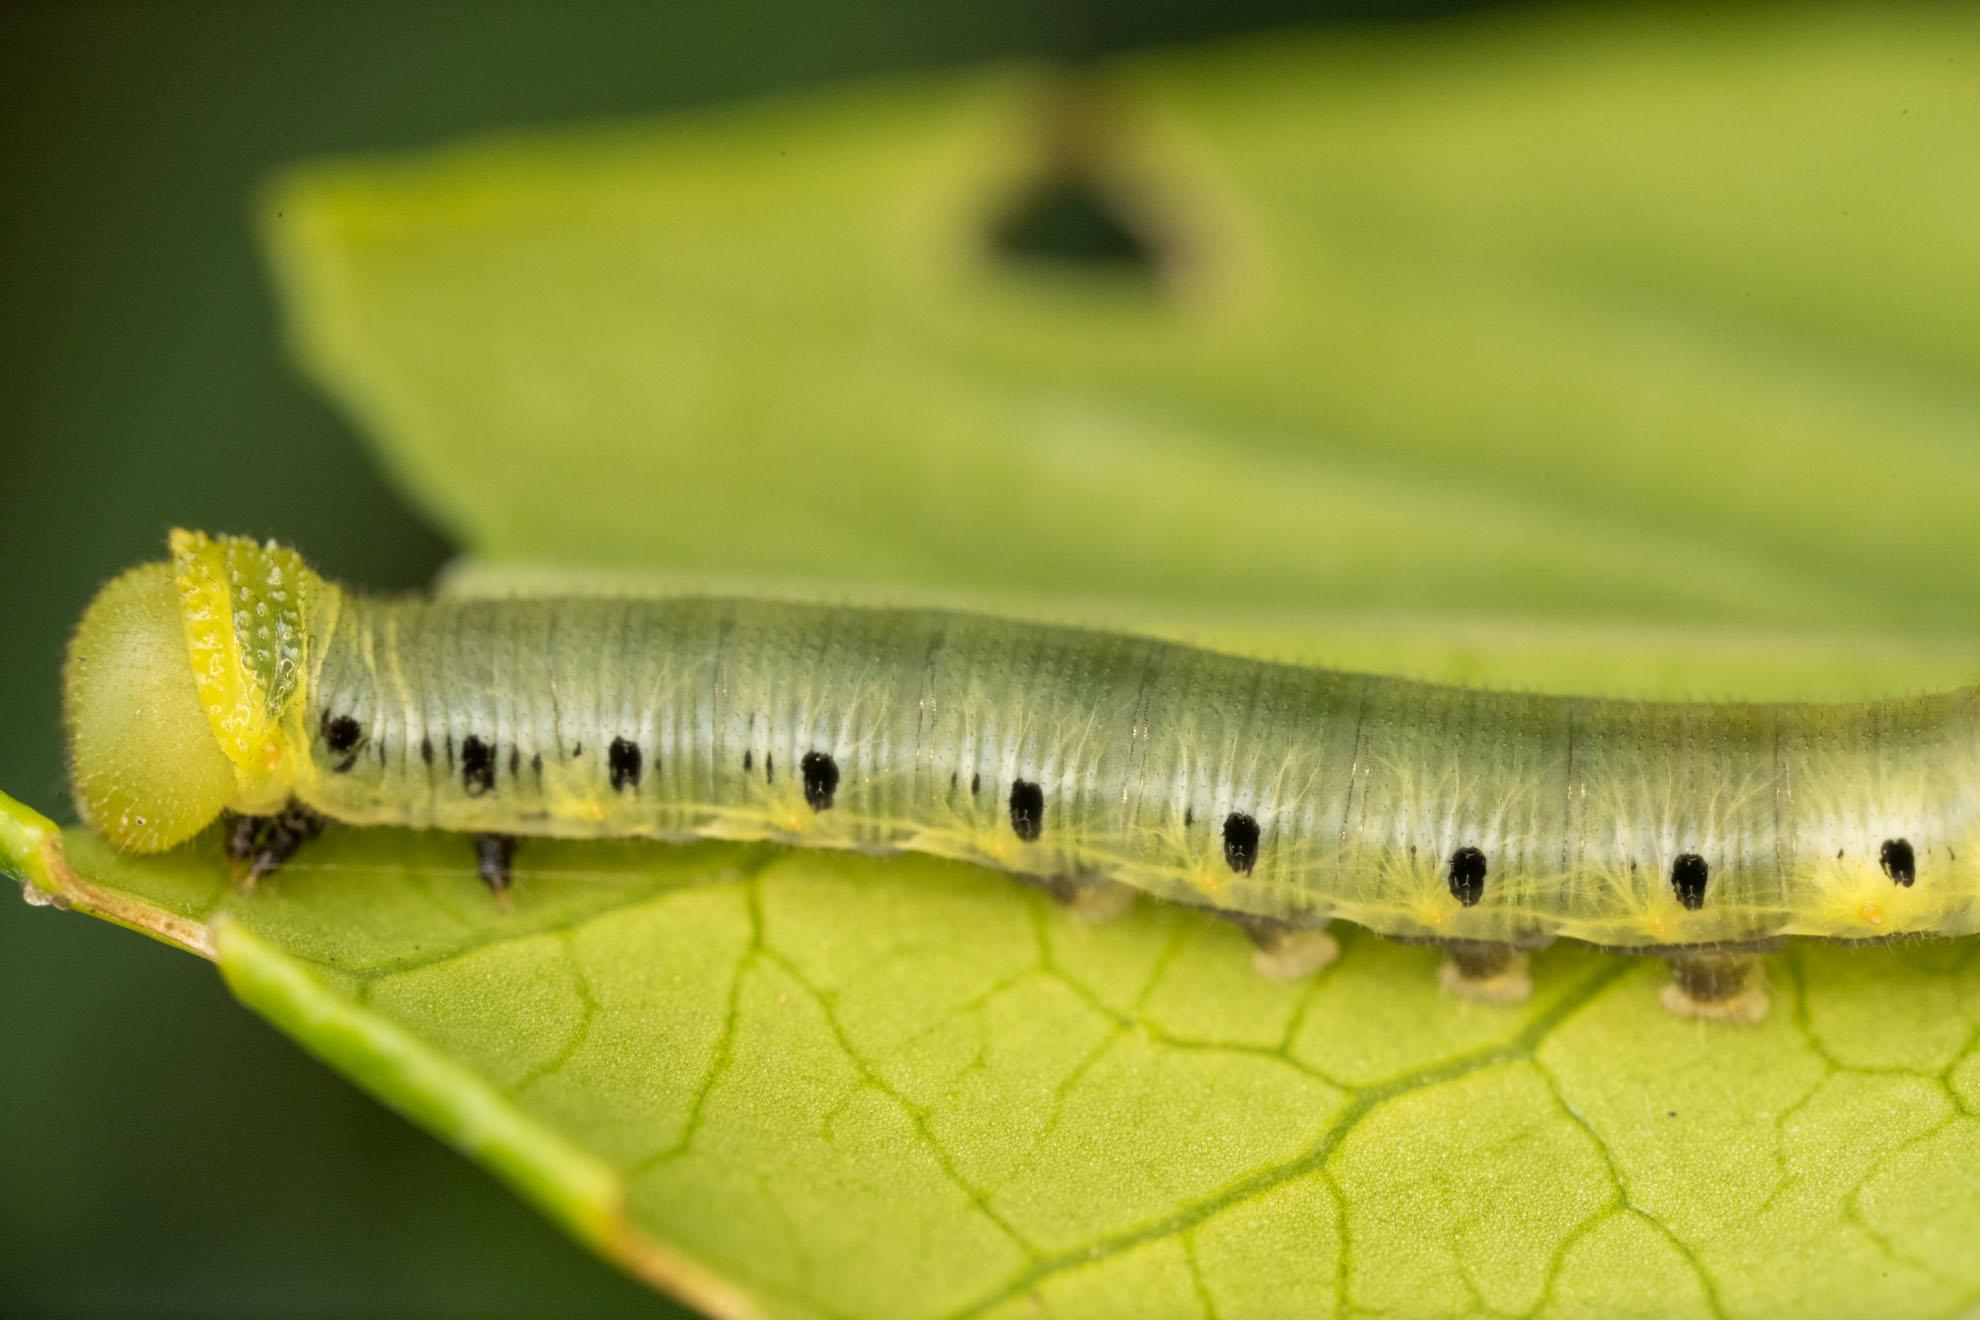 オオスカシバの幼虫の若齢